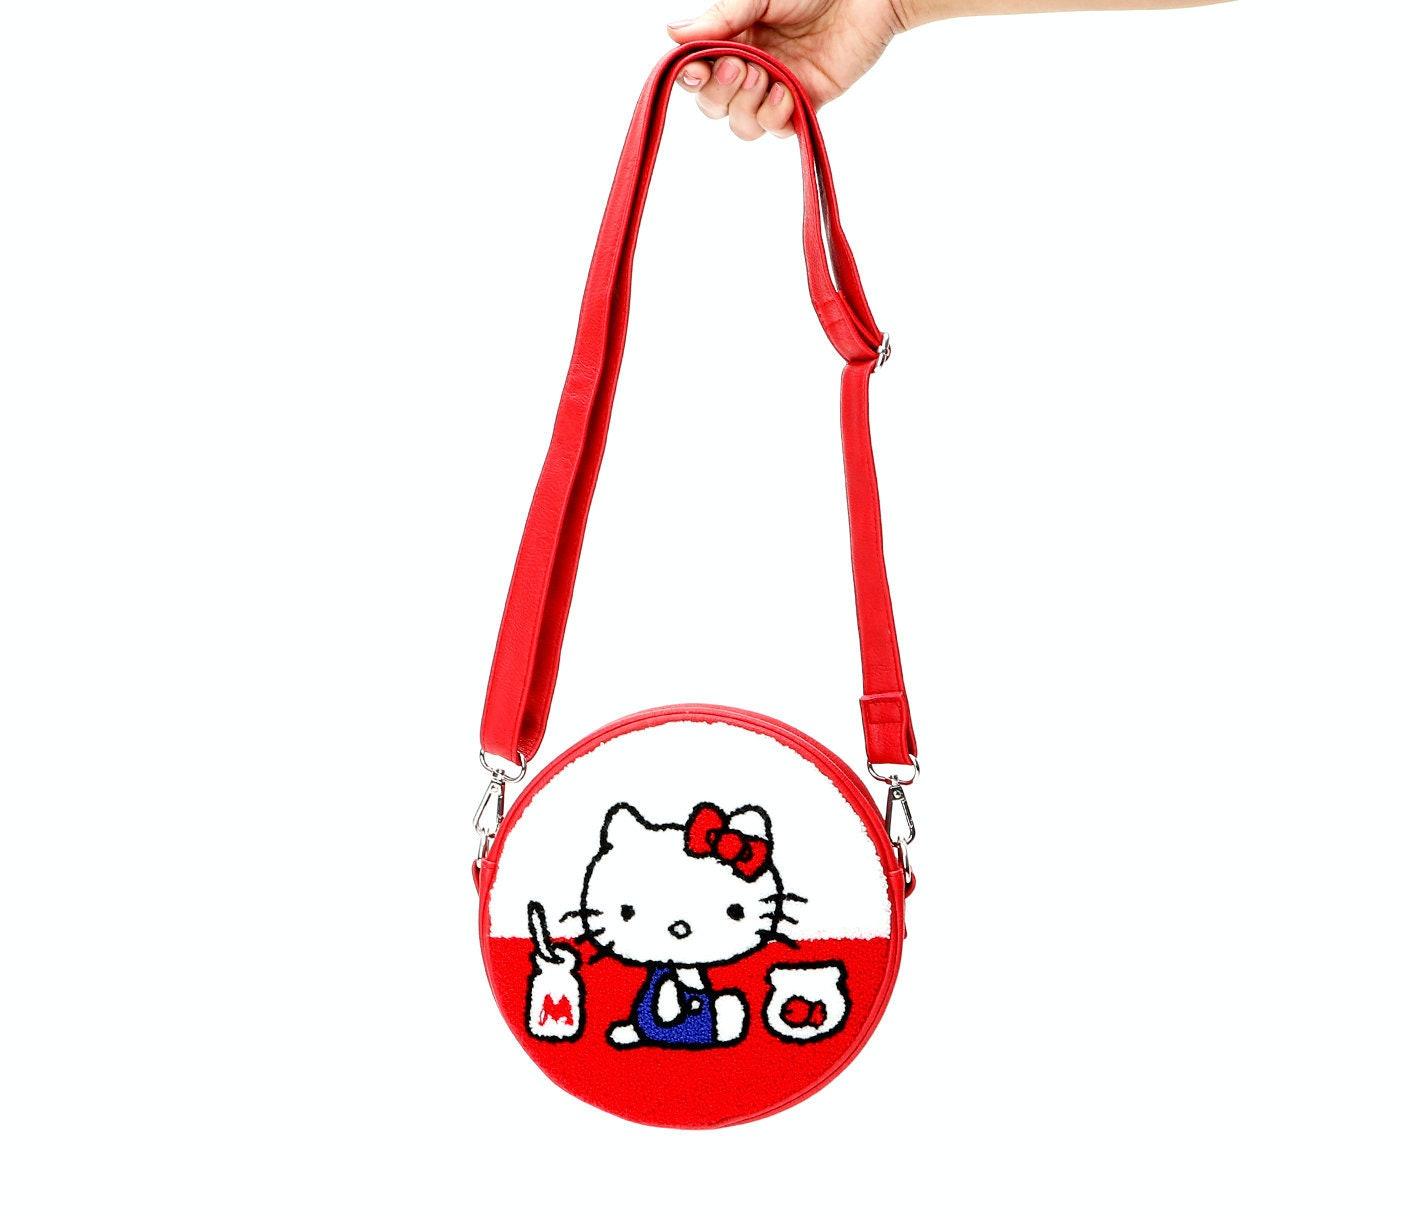 d6e7e48f8 15 Hello Kitty Products You Actually Need